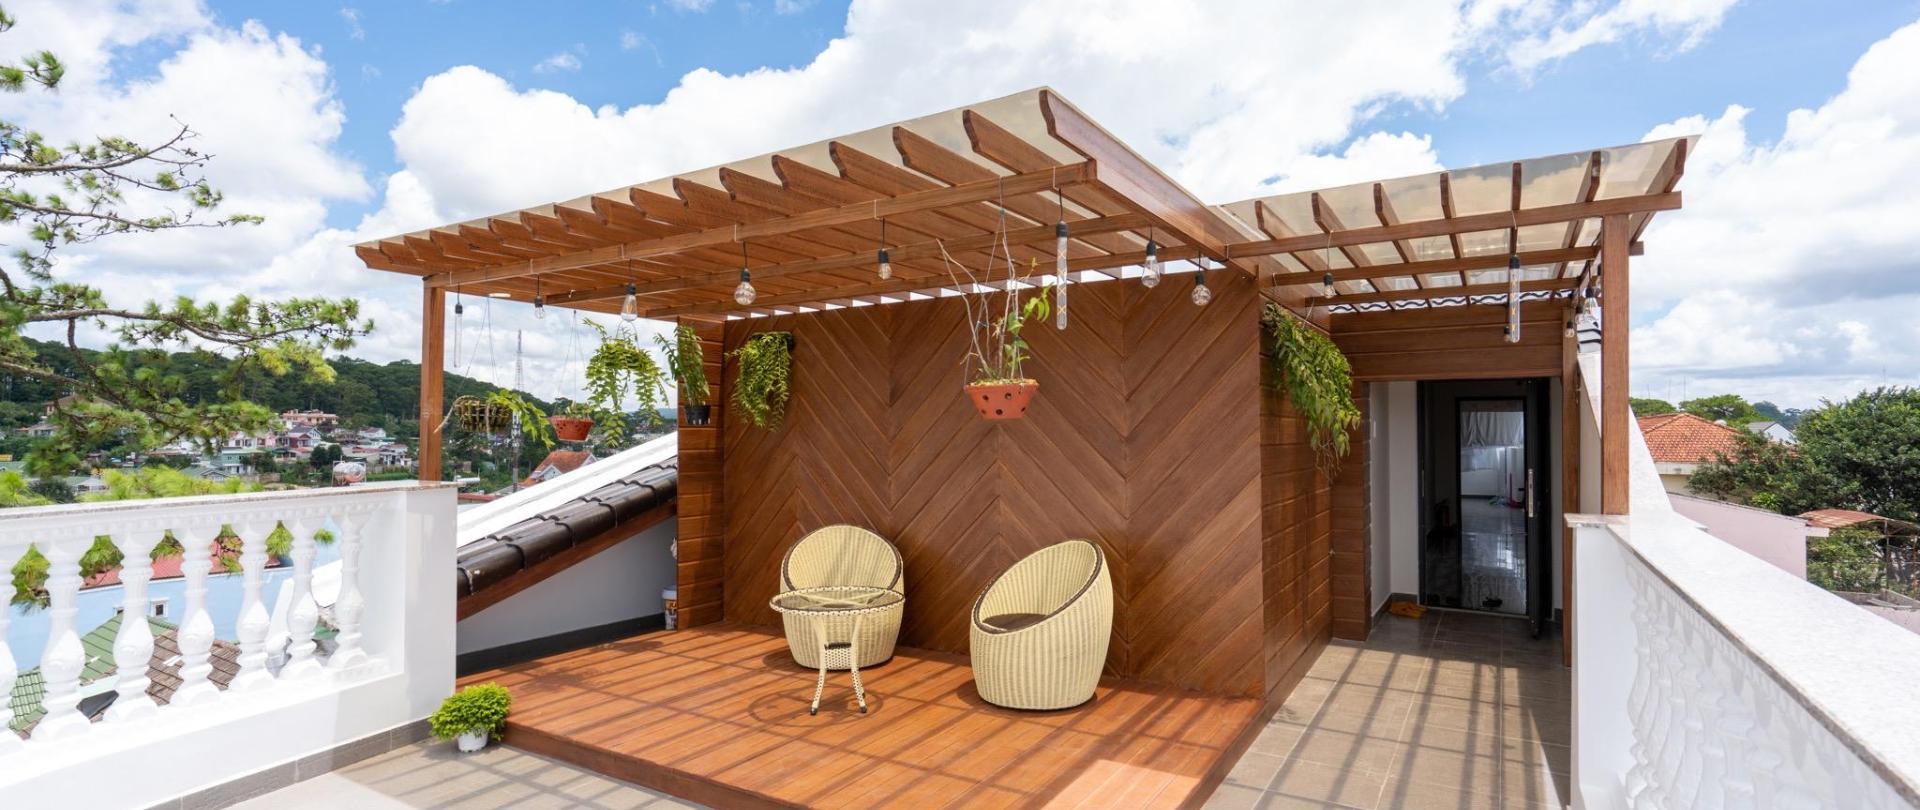 Trang web chính thức của N'Queen Villa | Khách sạn căn hộ ở Đà Lạt